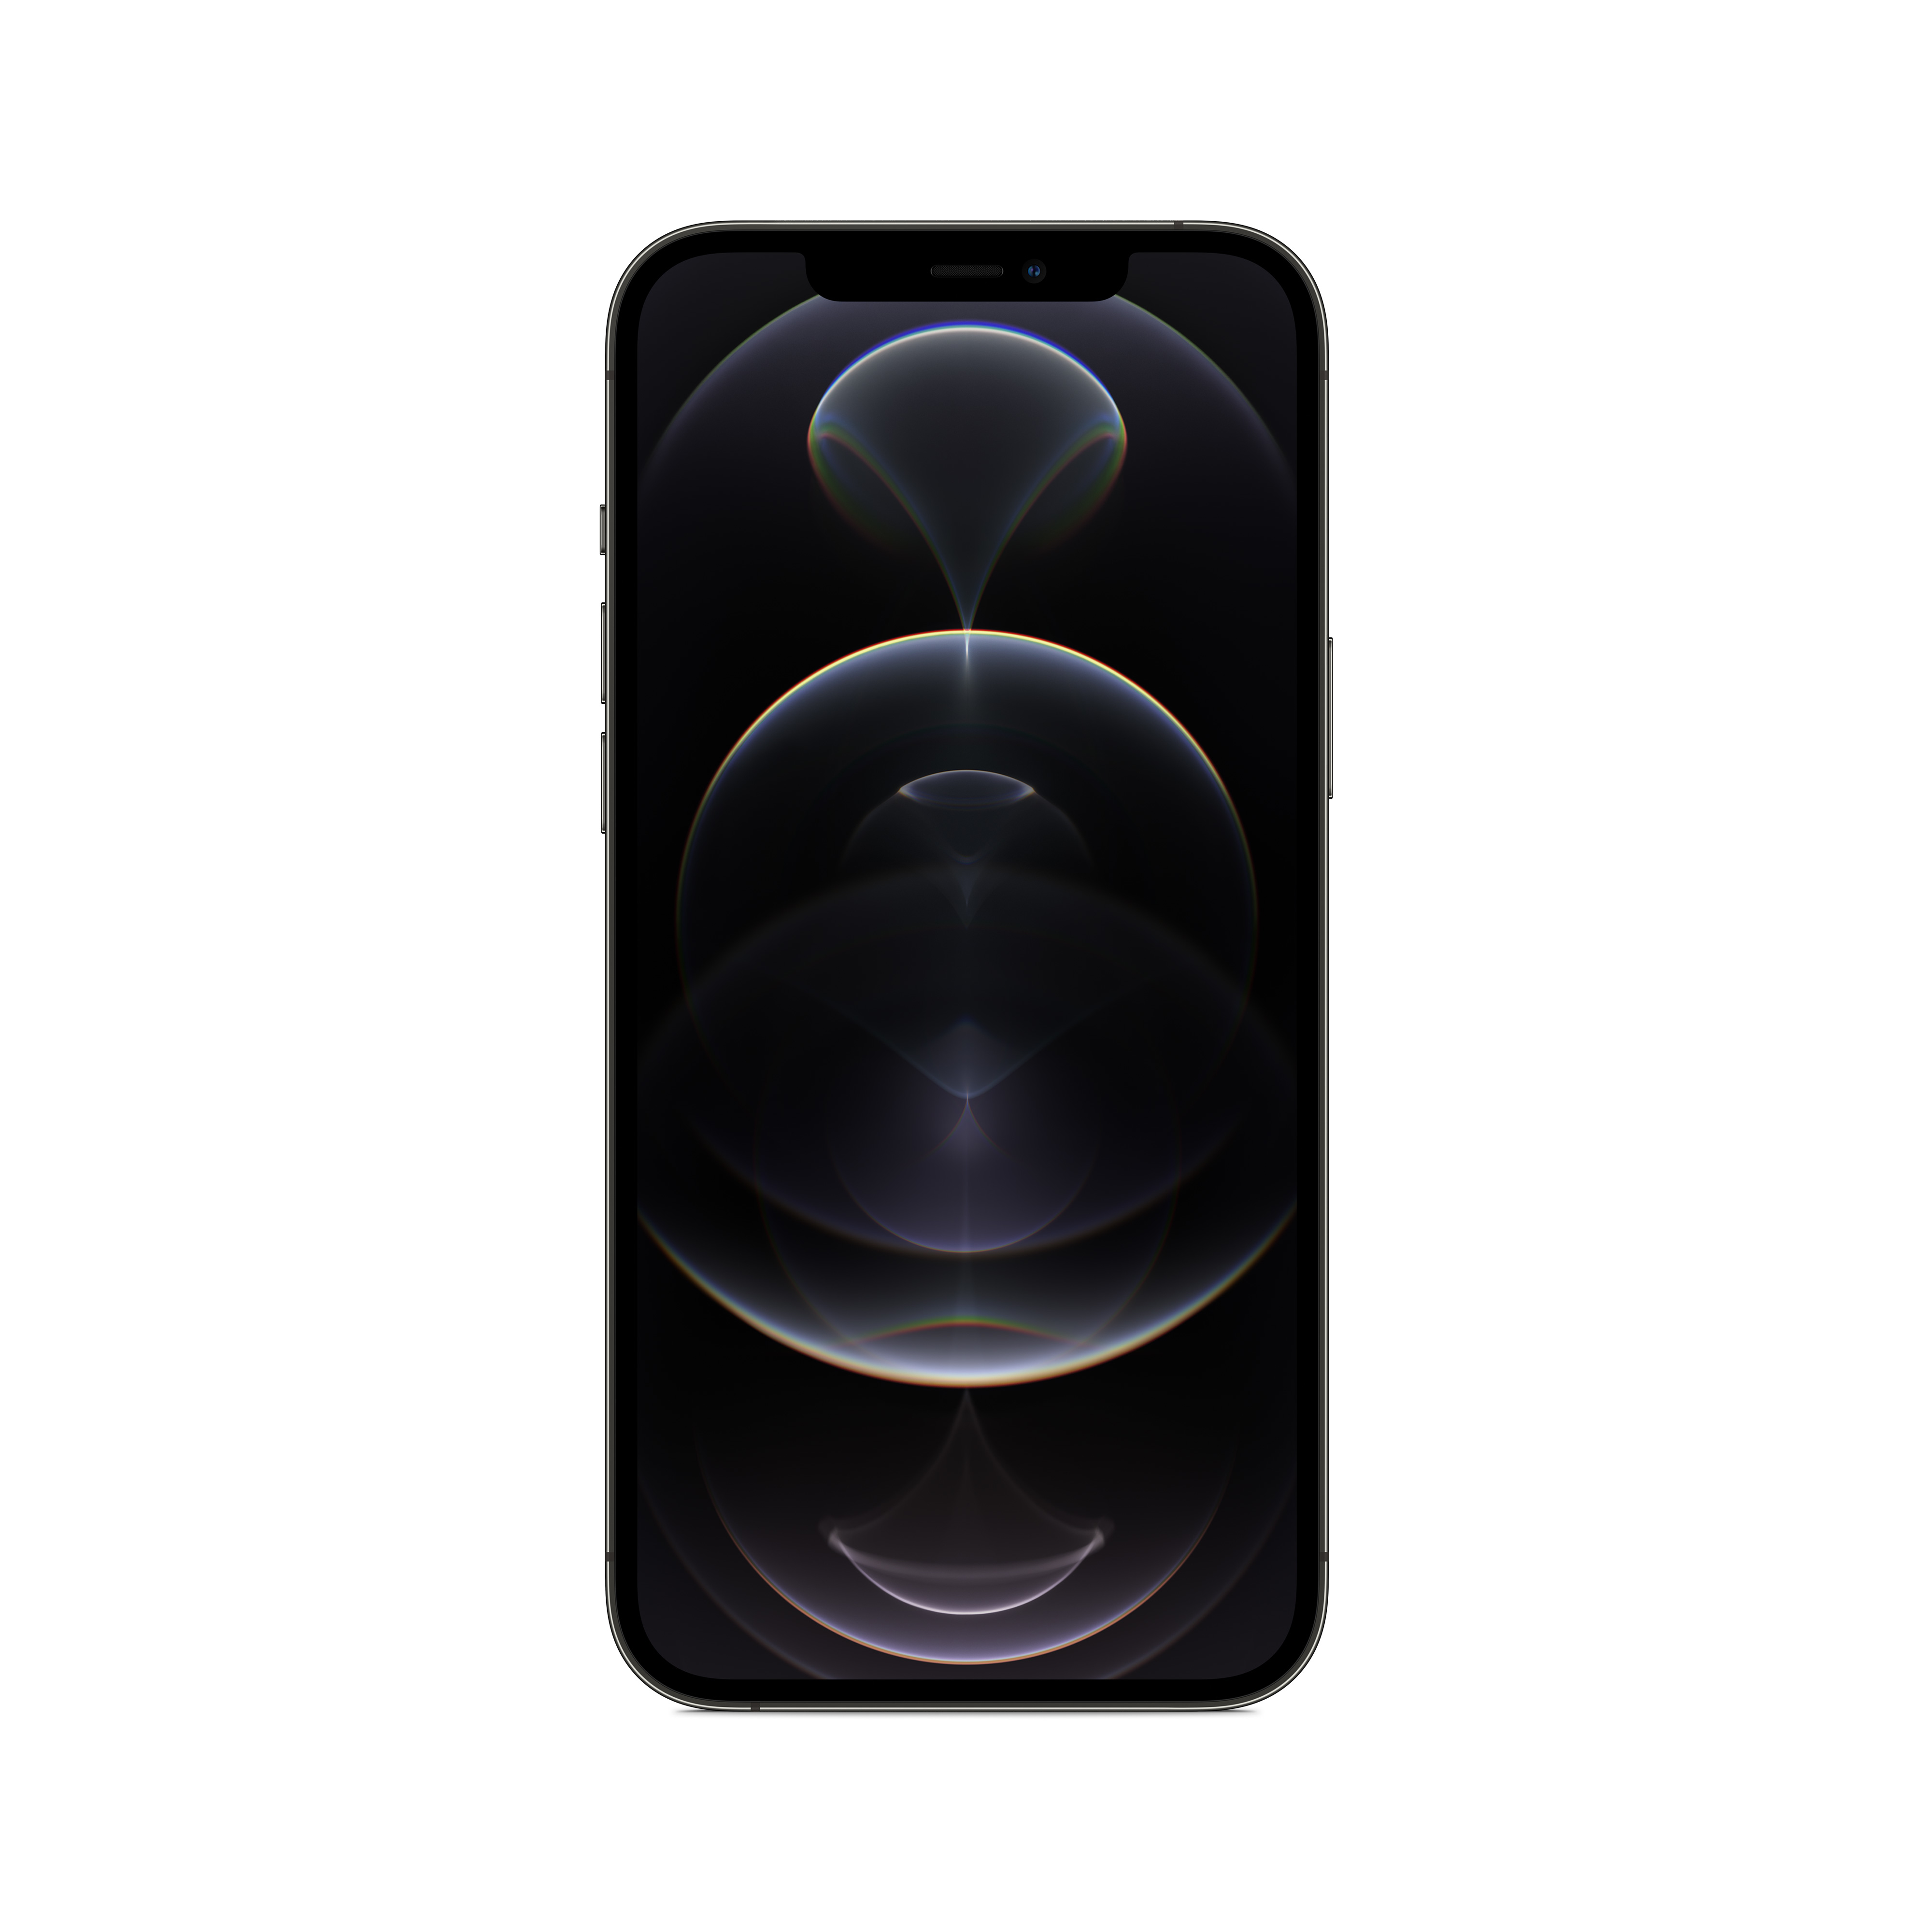 Apple - iPhone 12 Pro Max 128gb Graphite